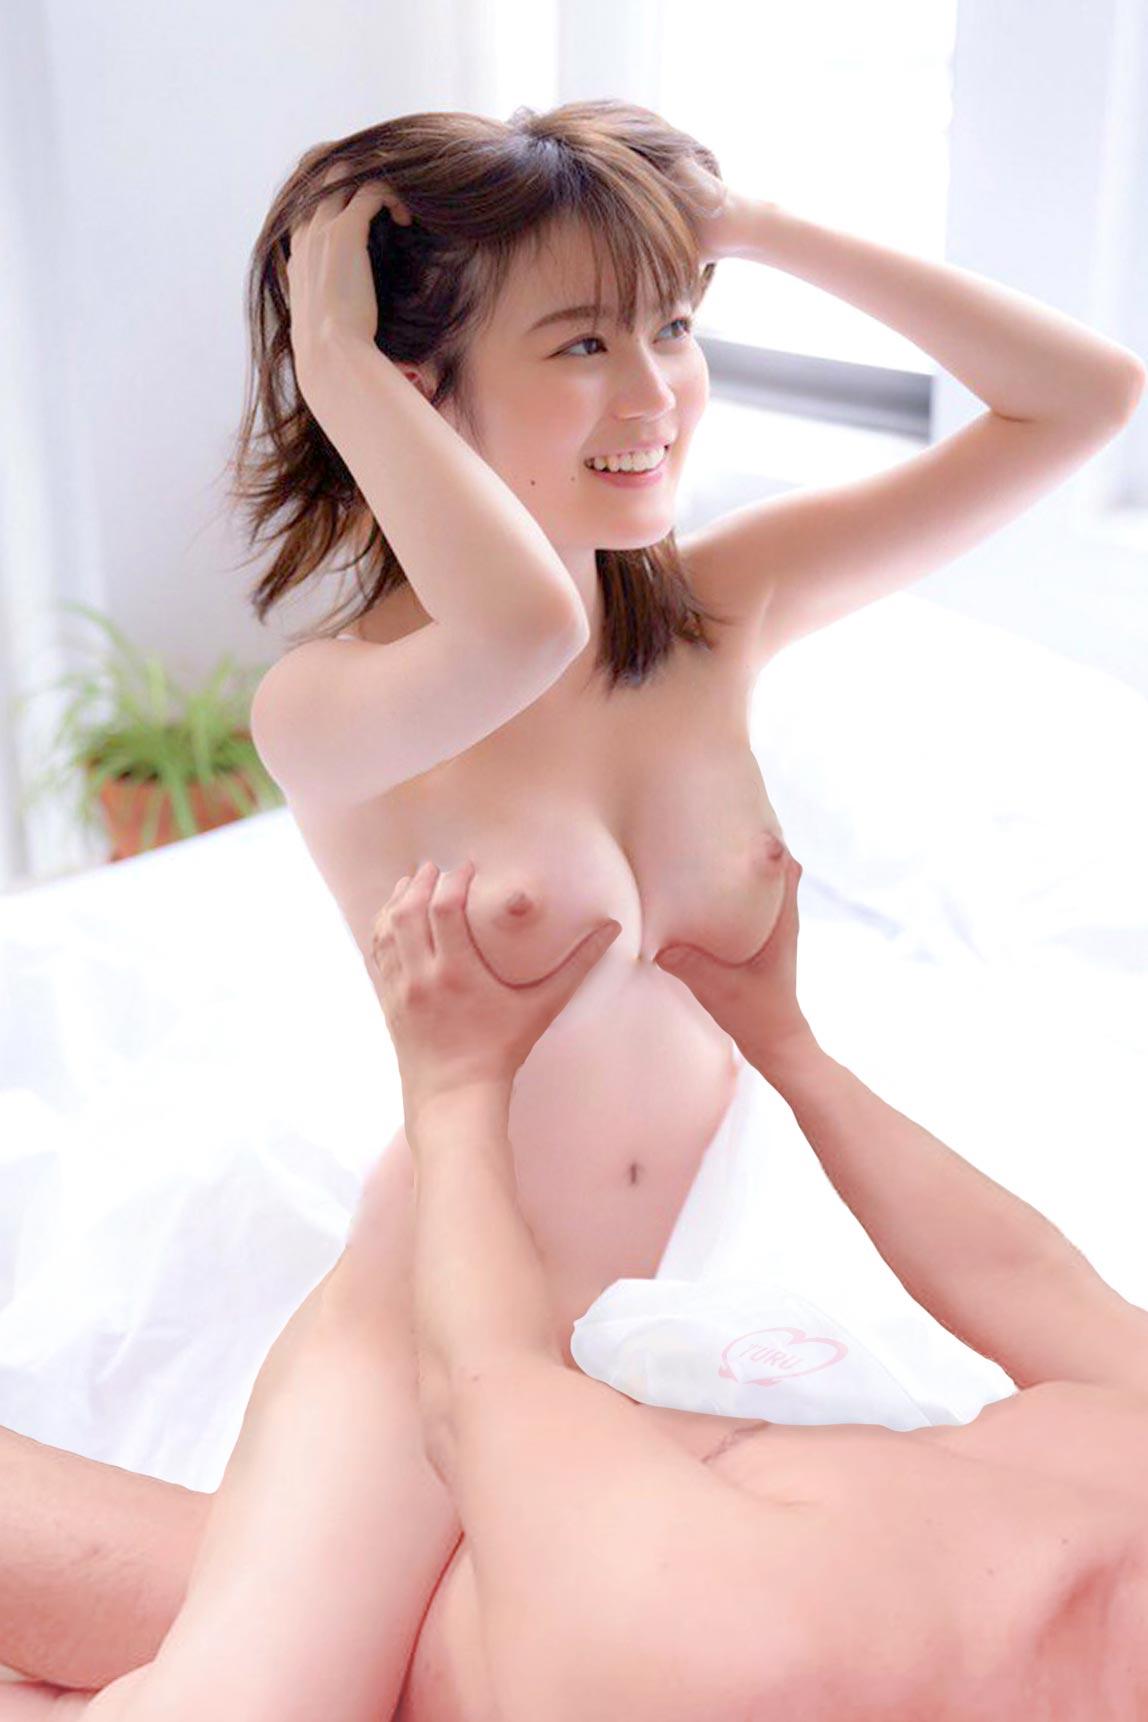 生田絵梨花の秘蔵SEX写真流出!! 写真集よりもはるかにエロいアイコラ画像